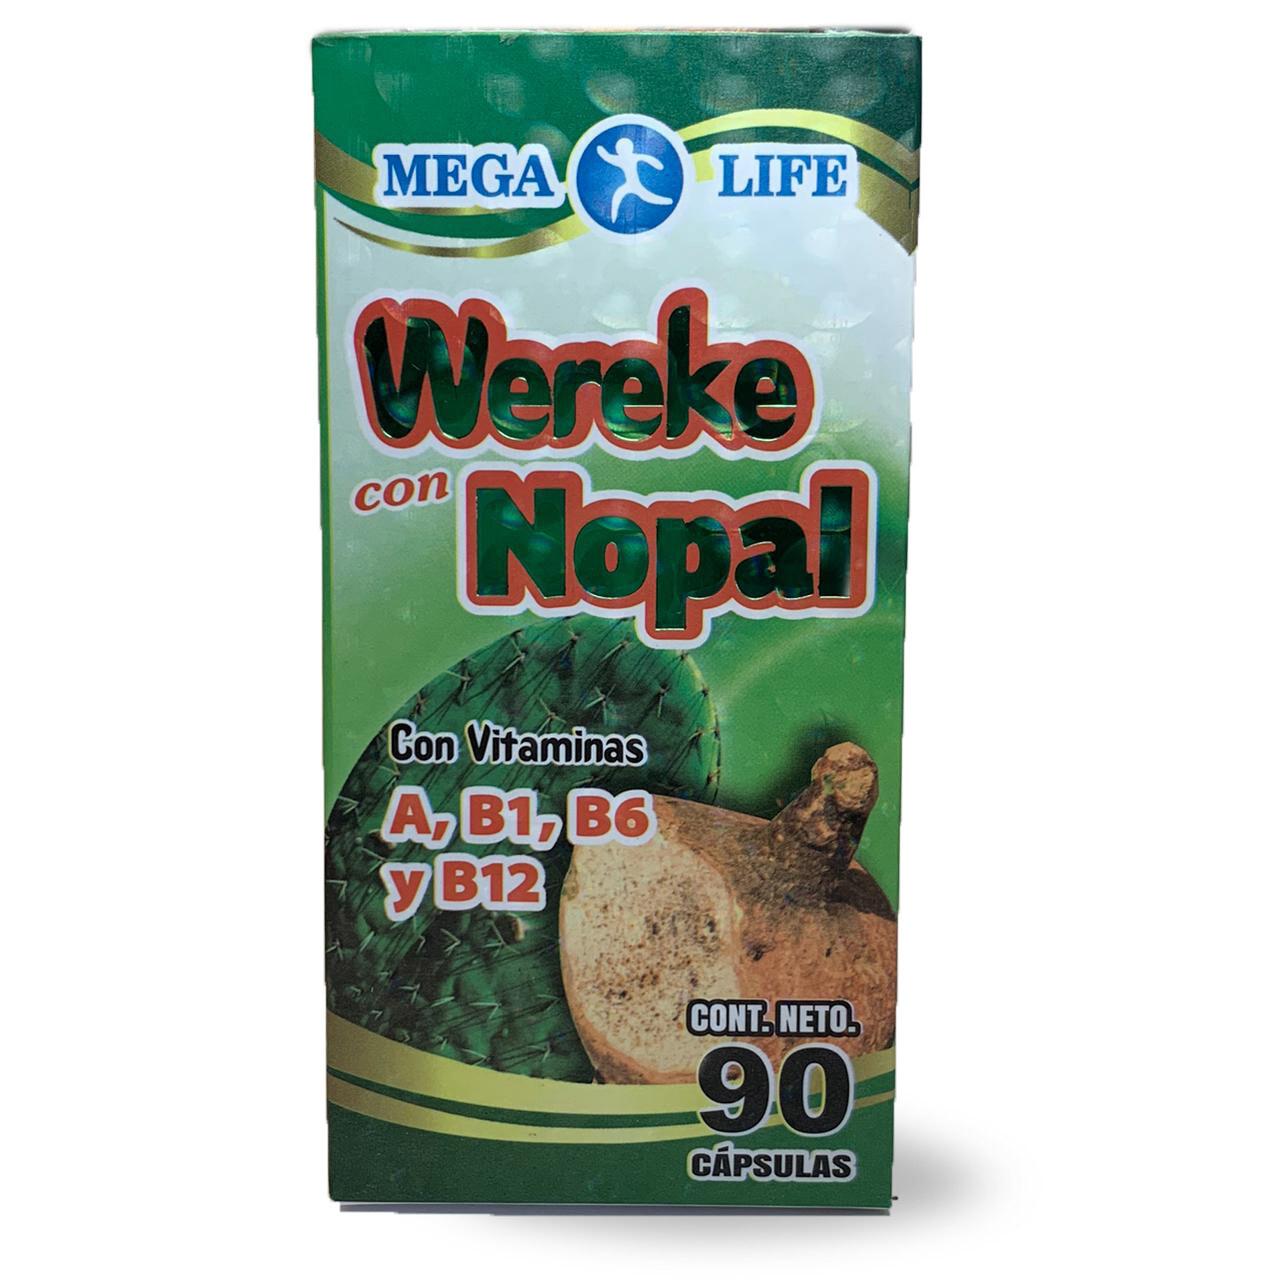 Wekere con Nopal